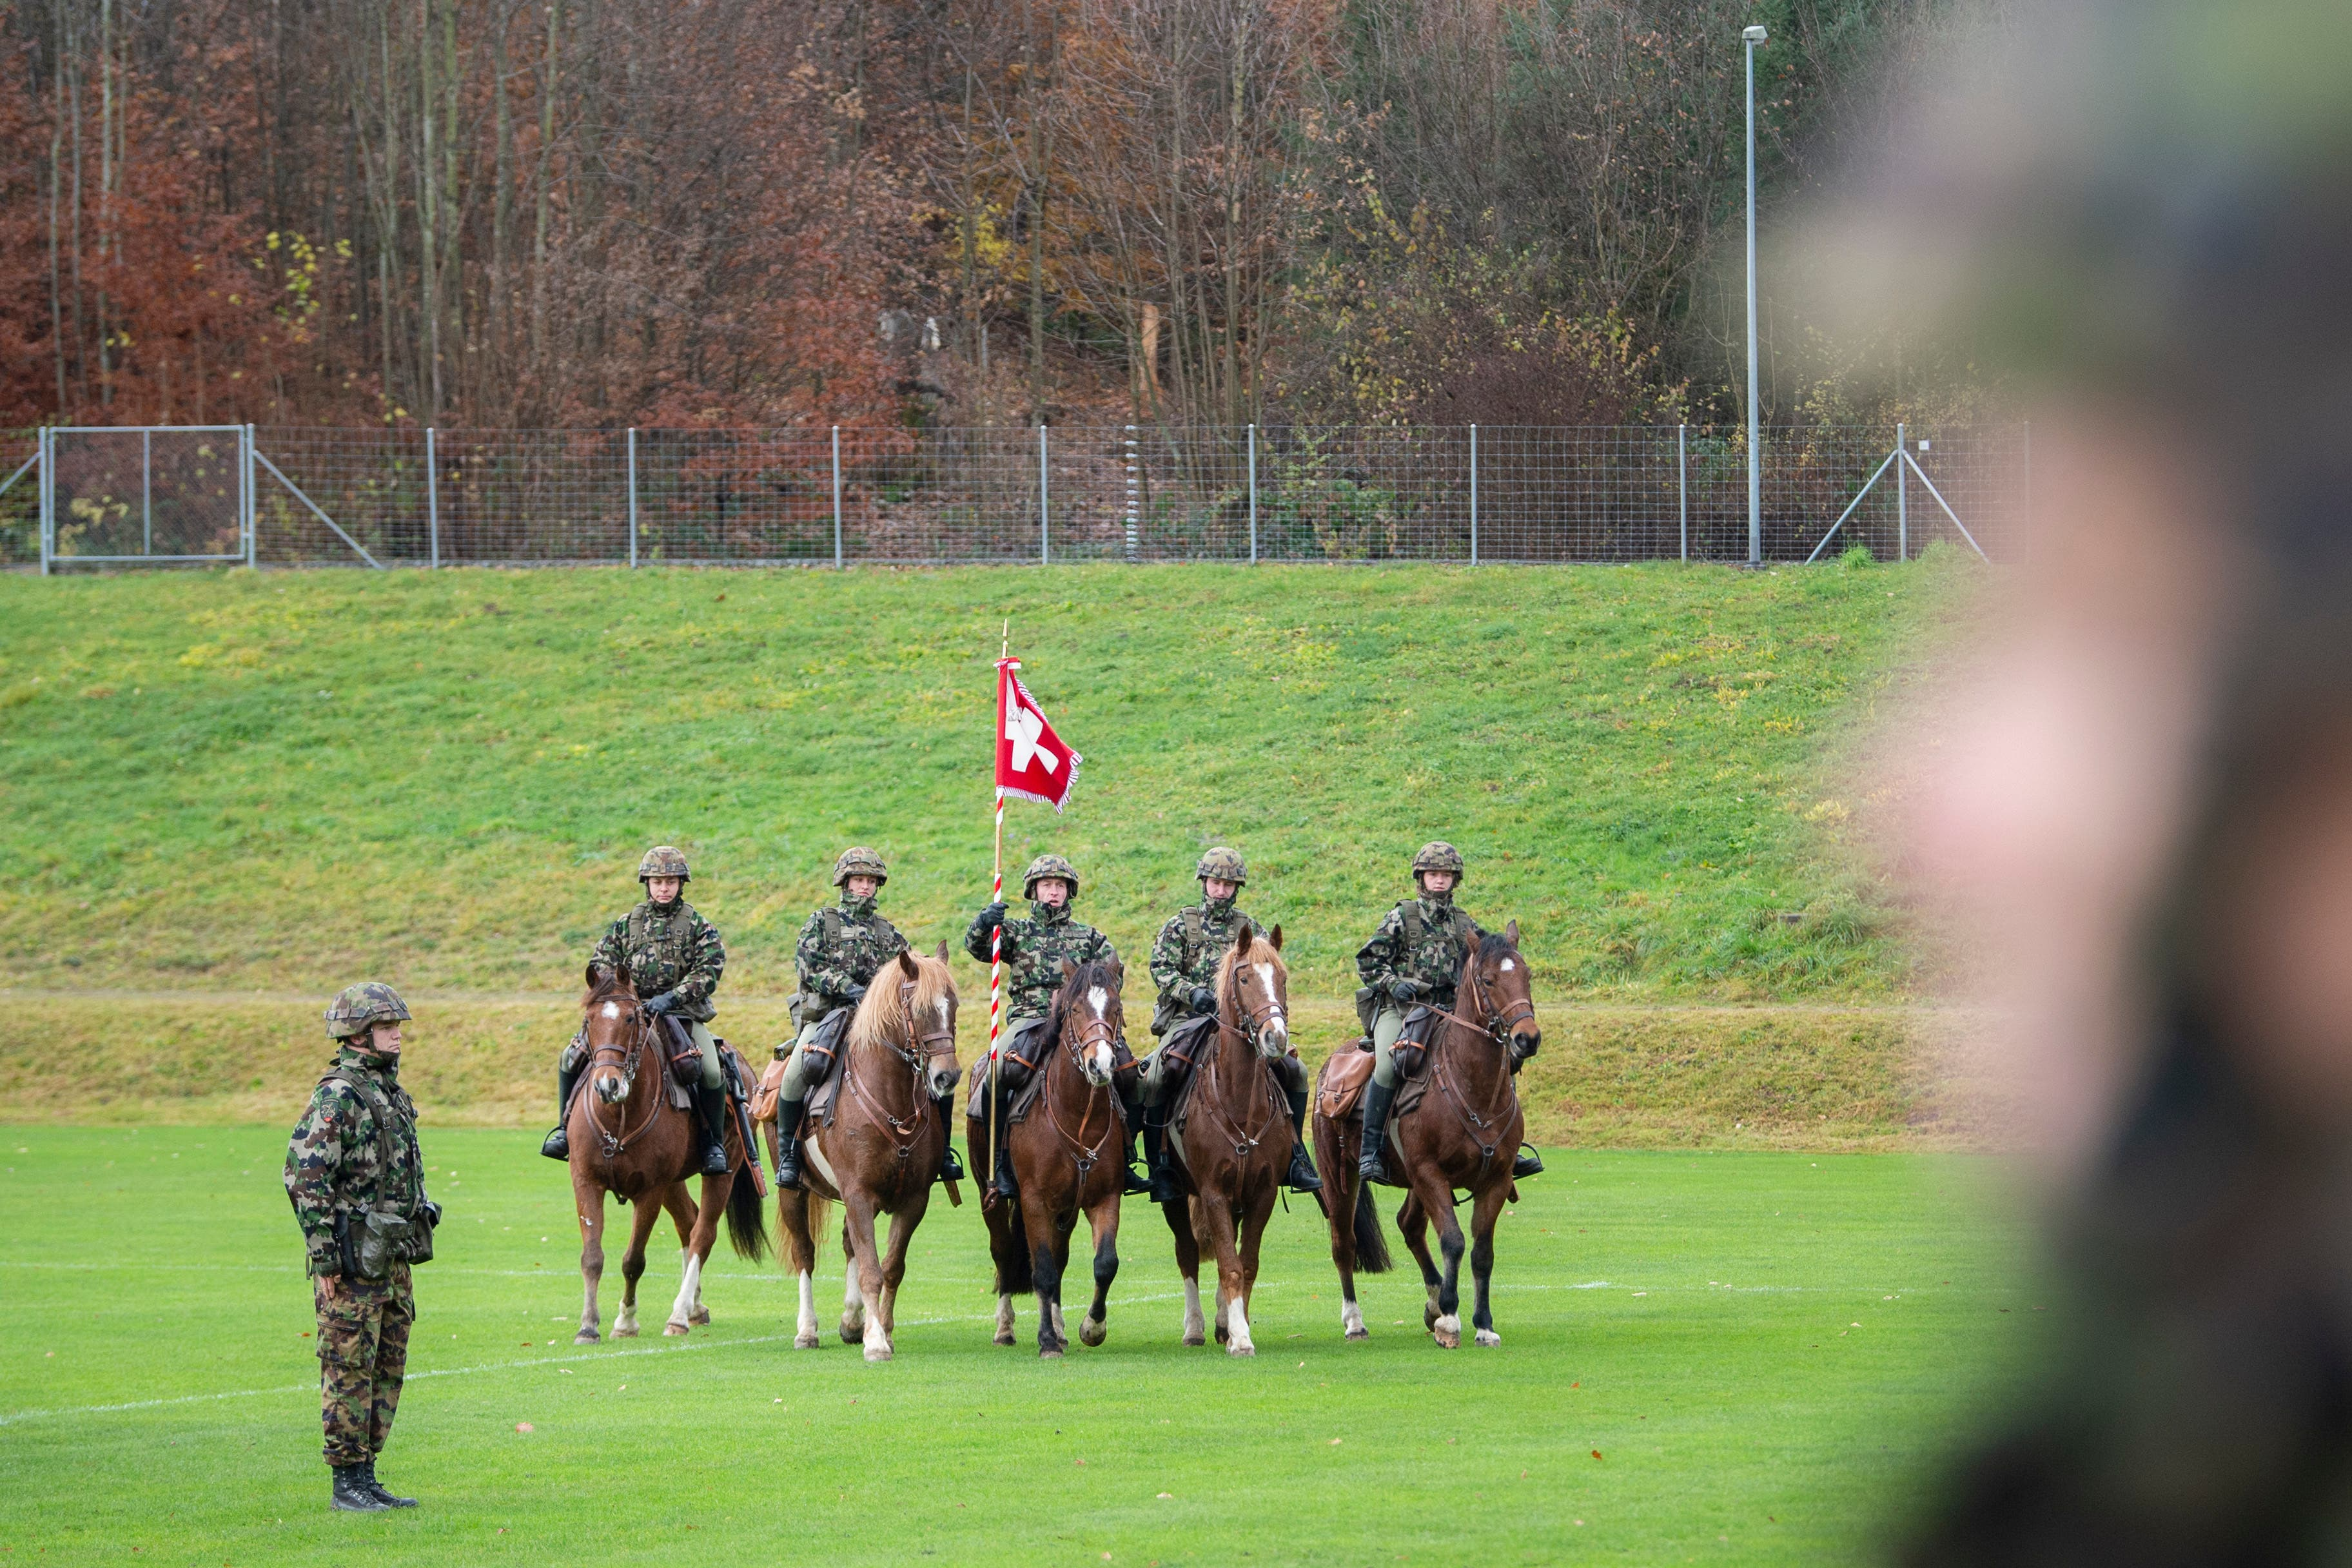 Bei der Veterinär- und Armeetiere-Abteilung 13 ist natürlich auch die Gruppe mit der Abteilungsfahne beritten. Am Mittwoch wurde das Feldzeichen am Ende des diesjährigen Wiederholungskurses im Stadion Gründenmoos in St.Gallen wieder abgegeben. (Bild: Urs Bucher - 27. November 2019)